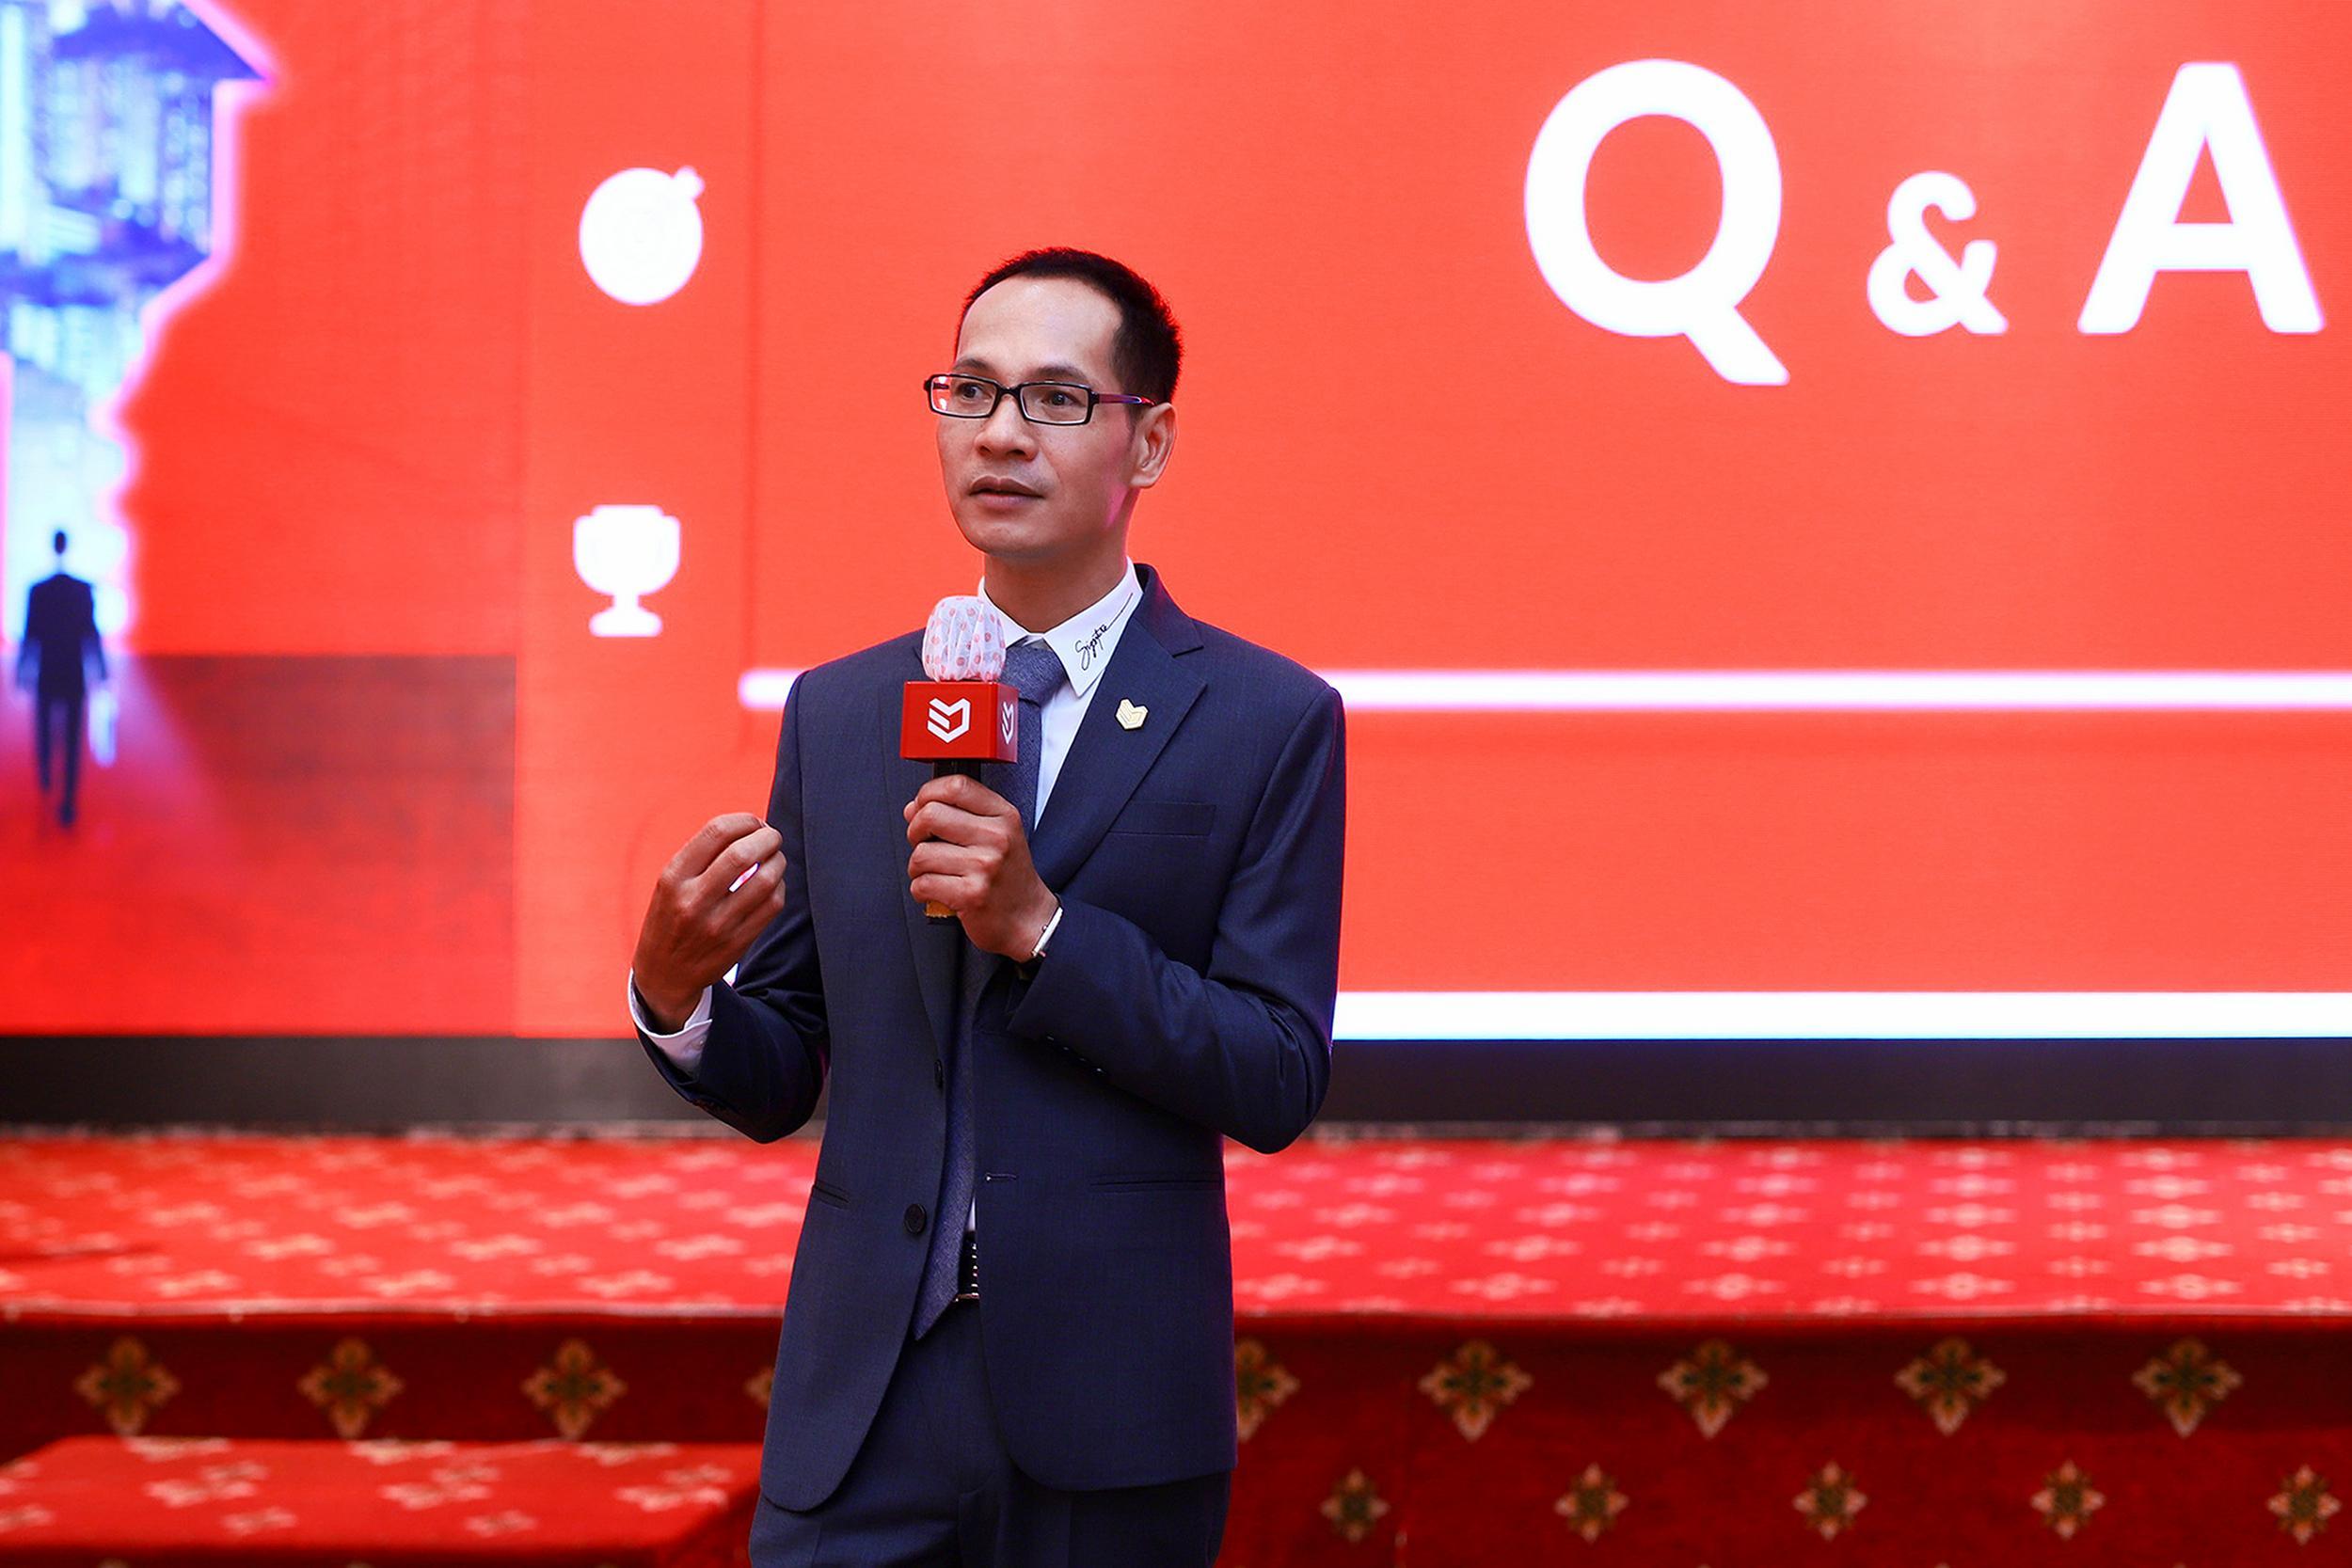 Ông Nguyễn Hoàng - Giám đốc R&D DKRA Vietnam thành viên DKRA Vietnam giải đáp các thắc mắc của khách tham dự trong phần Q&A.